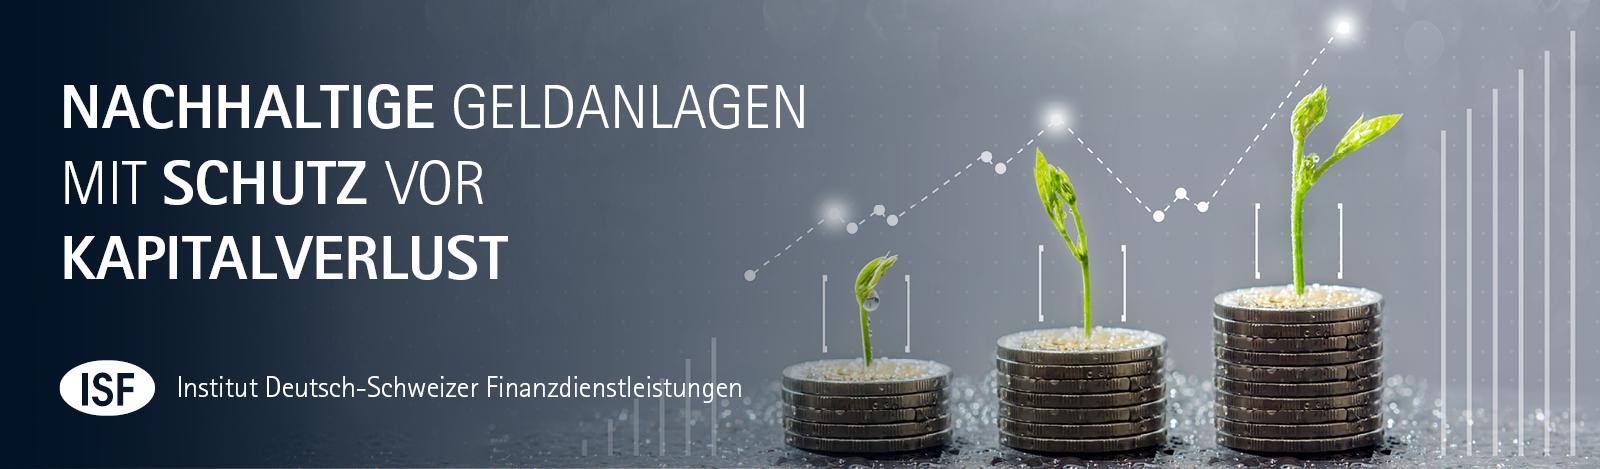 Nachhaltige Geldanlagen mit Schutz vor Kapitalverlust